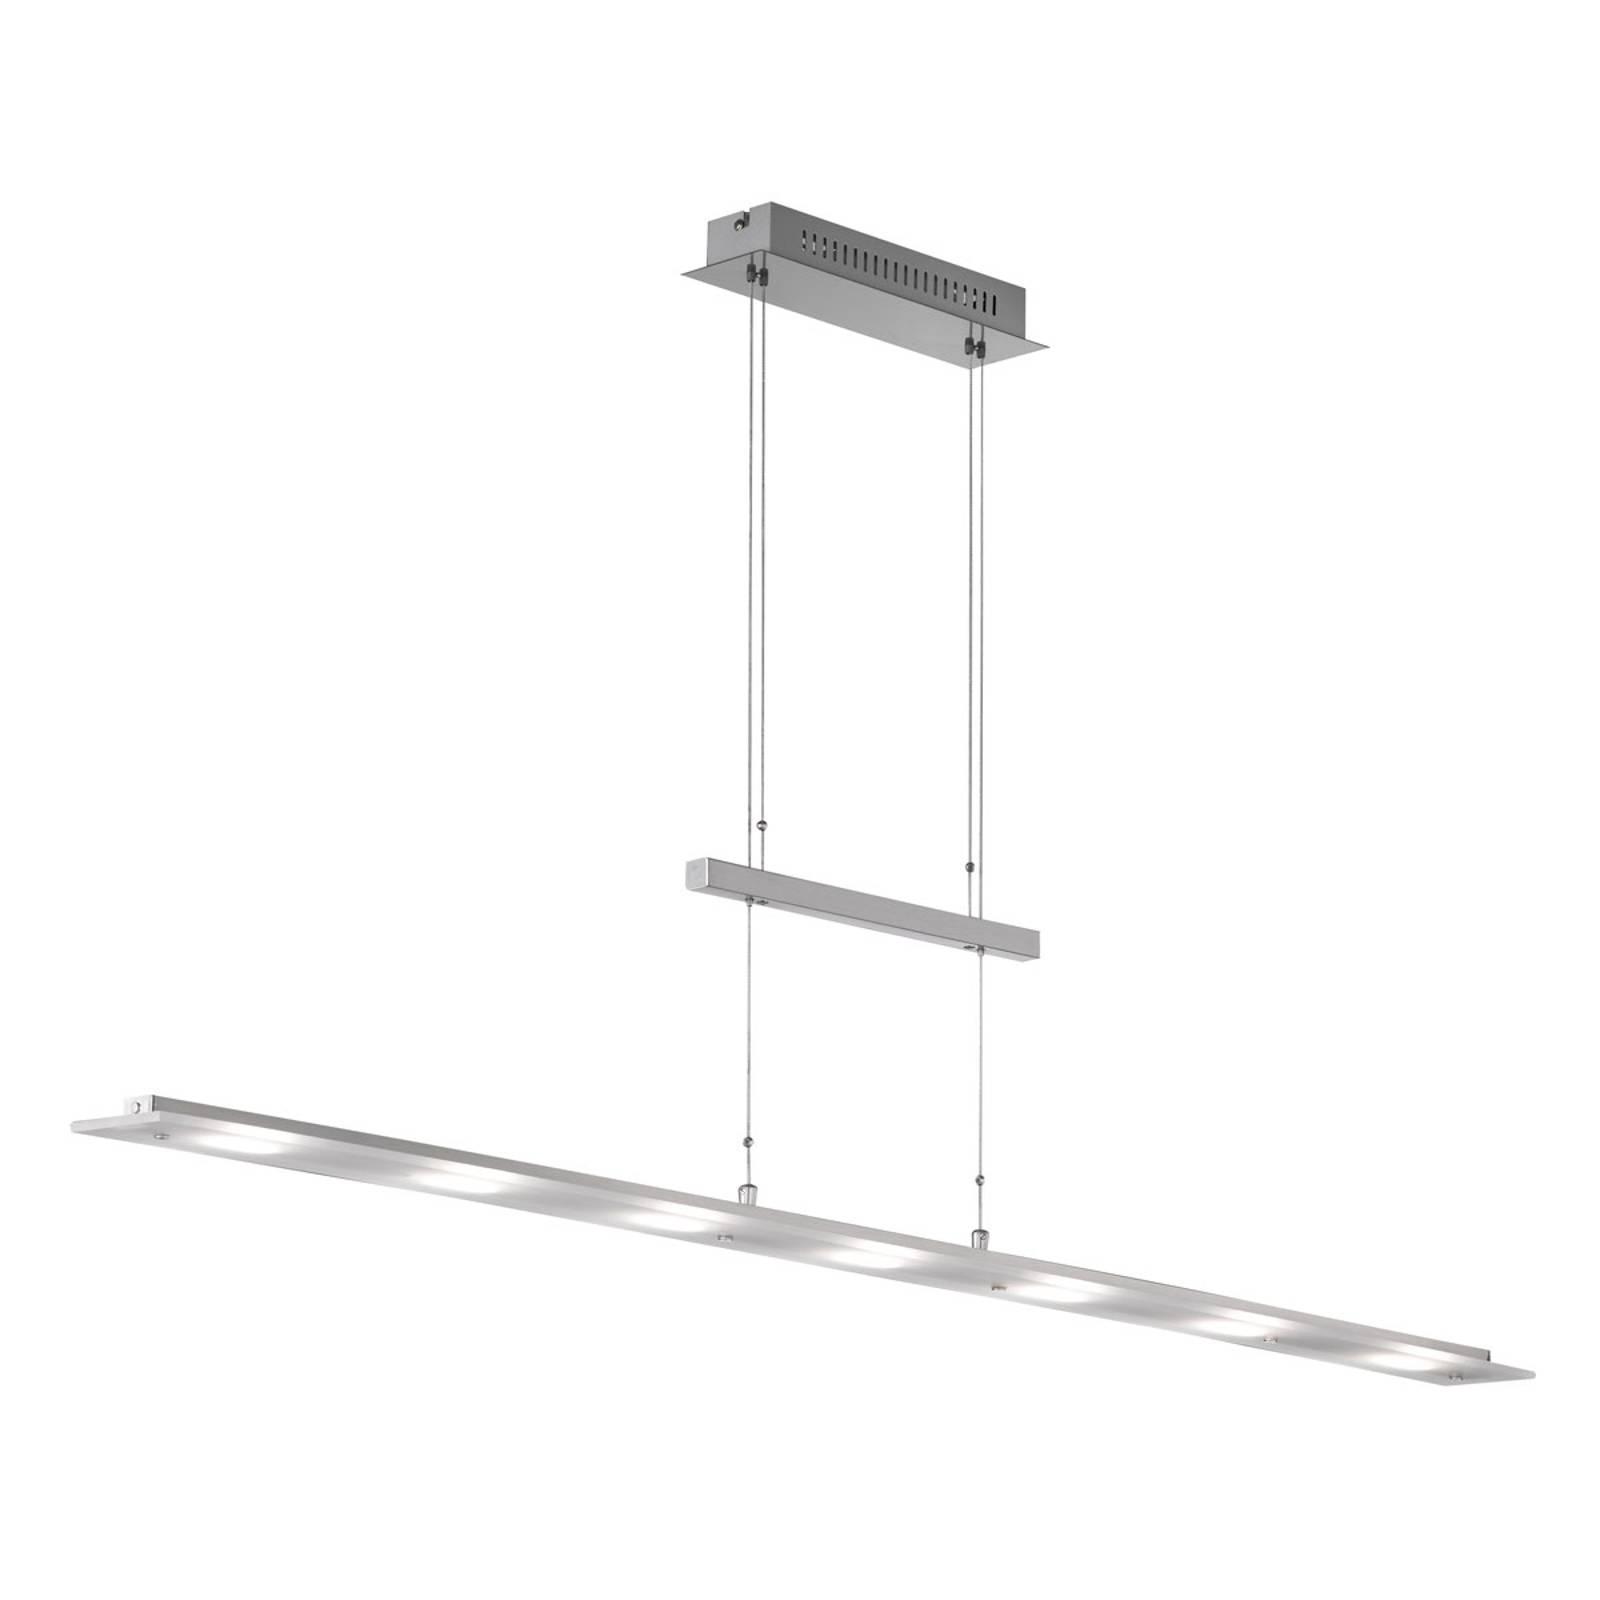 Lampa wisząca LED Largo tunnable white ściemniacz